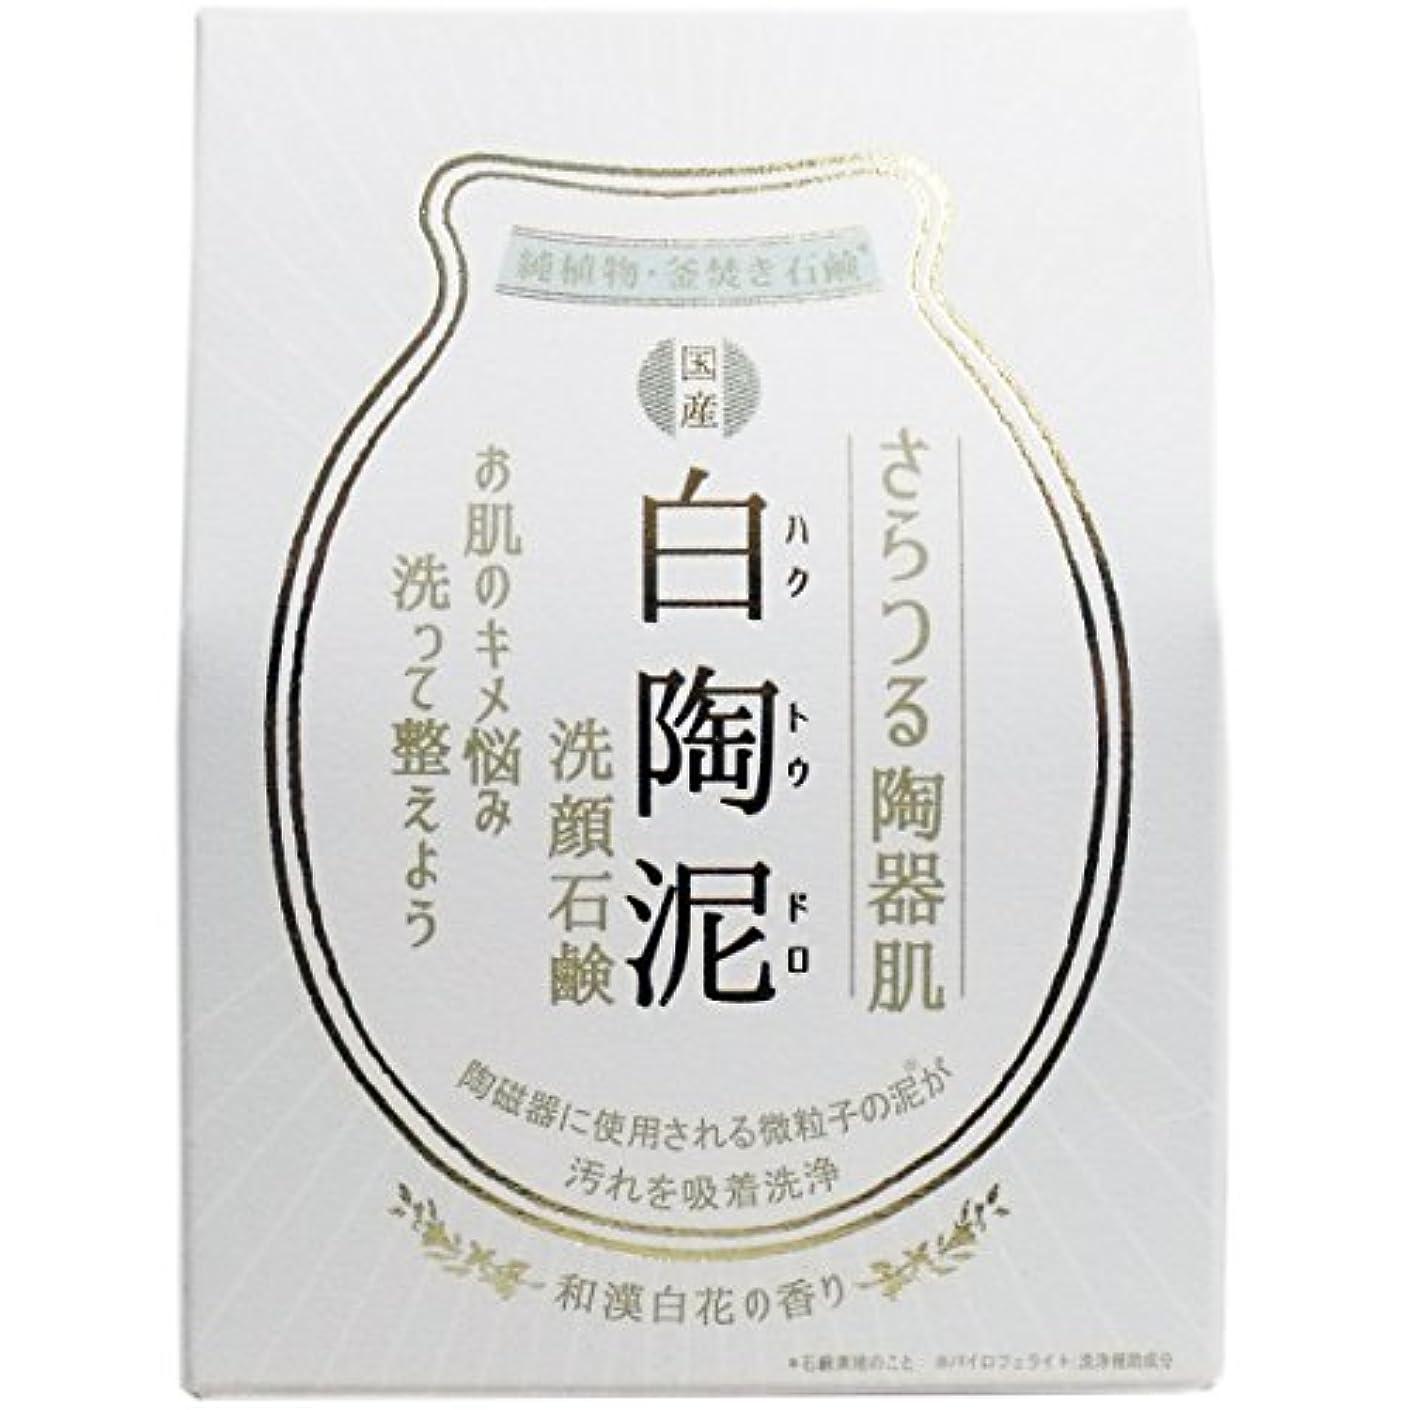 法的この杭白陶泥洗顔石鹸 100g×5個セット